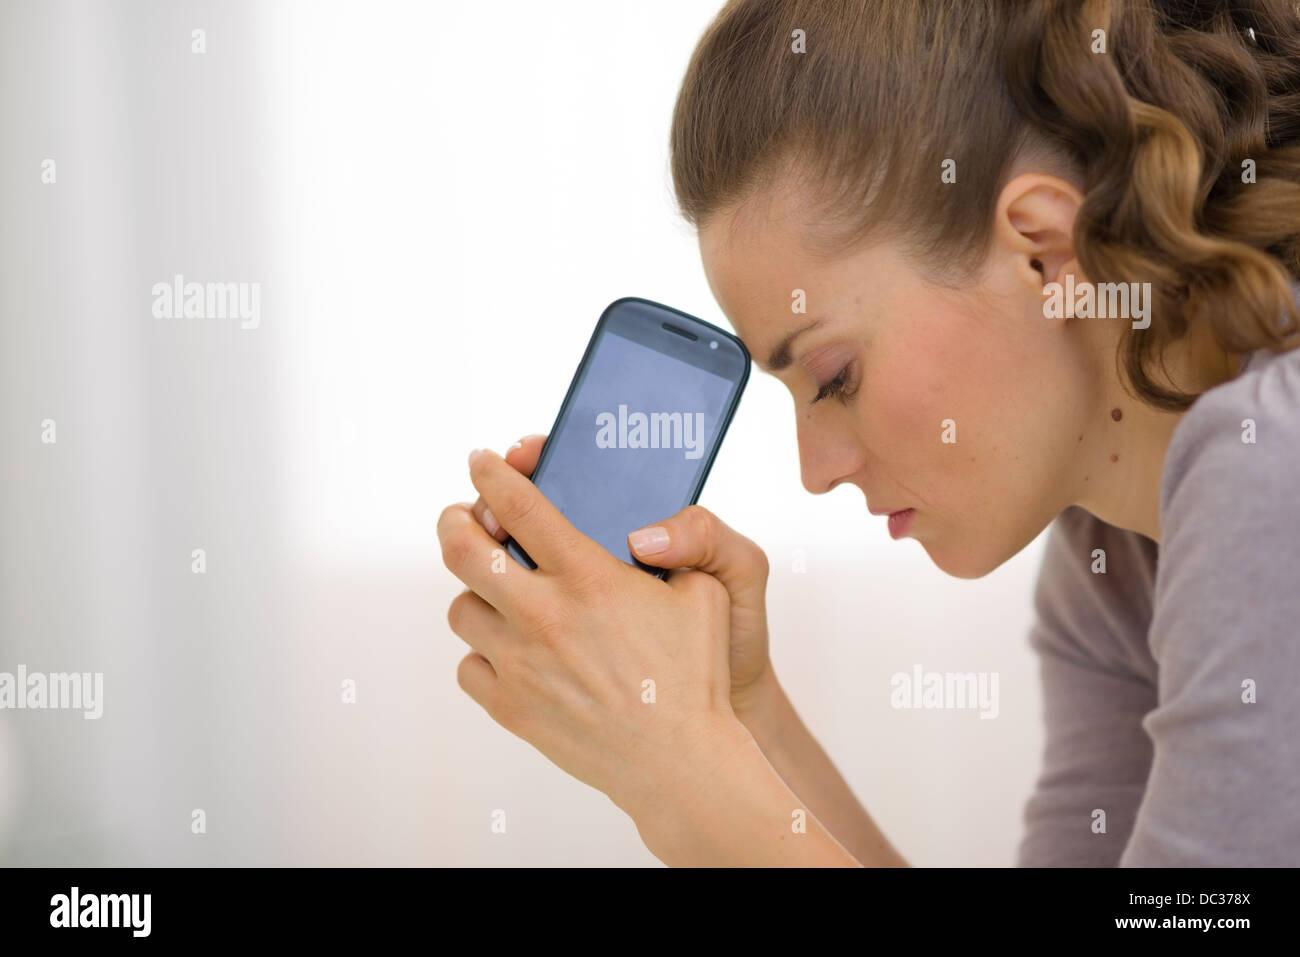 Ritratto di sottolineato giovane donna con un telefono cellulare Immagini Stock